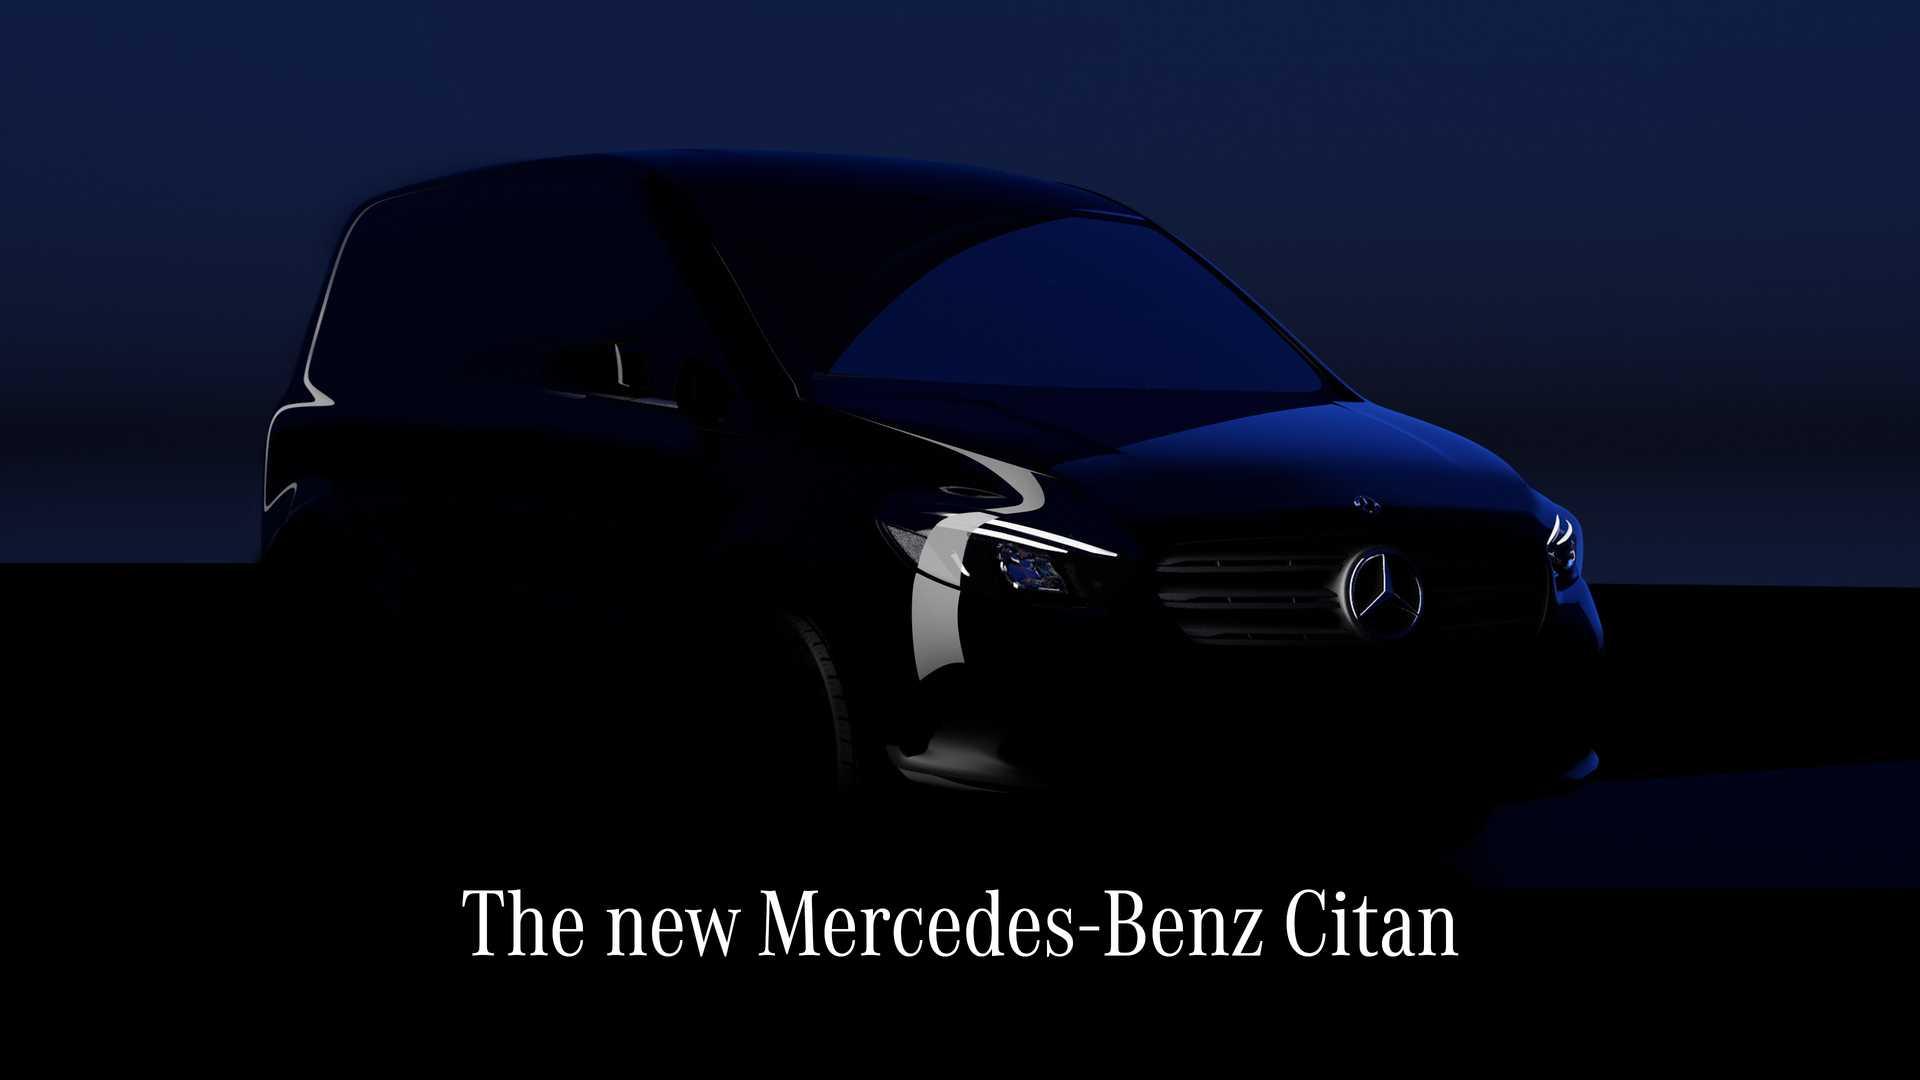 Hình ảnh ngoại thất của mẫu Citan sắp ra mắt. Ảnh: Mercedes